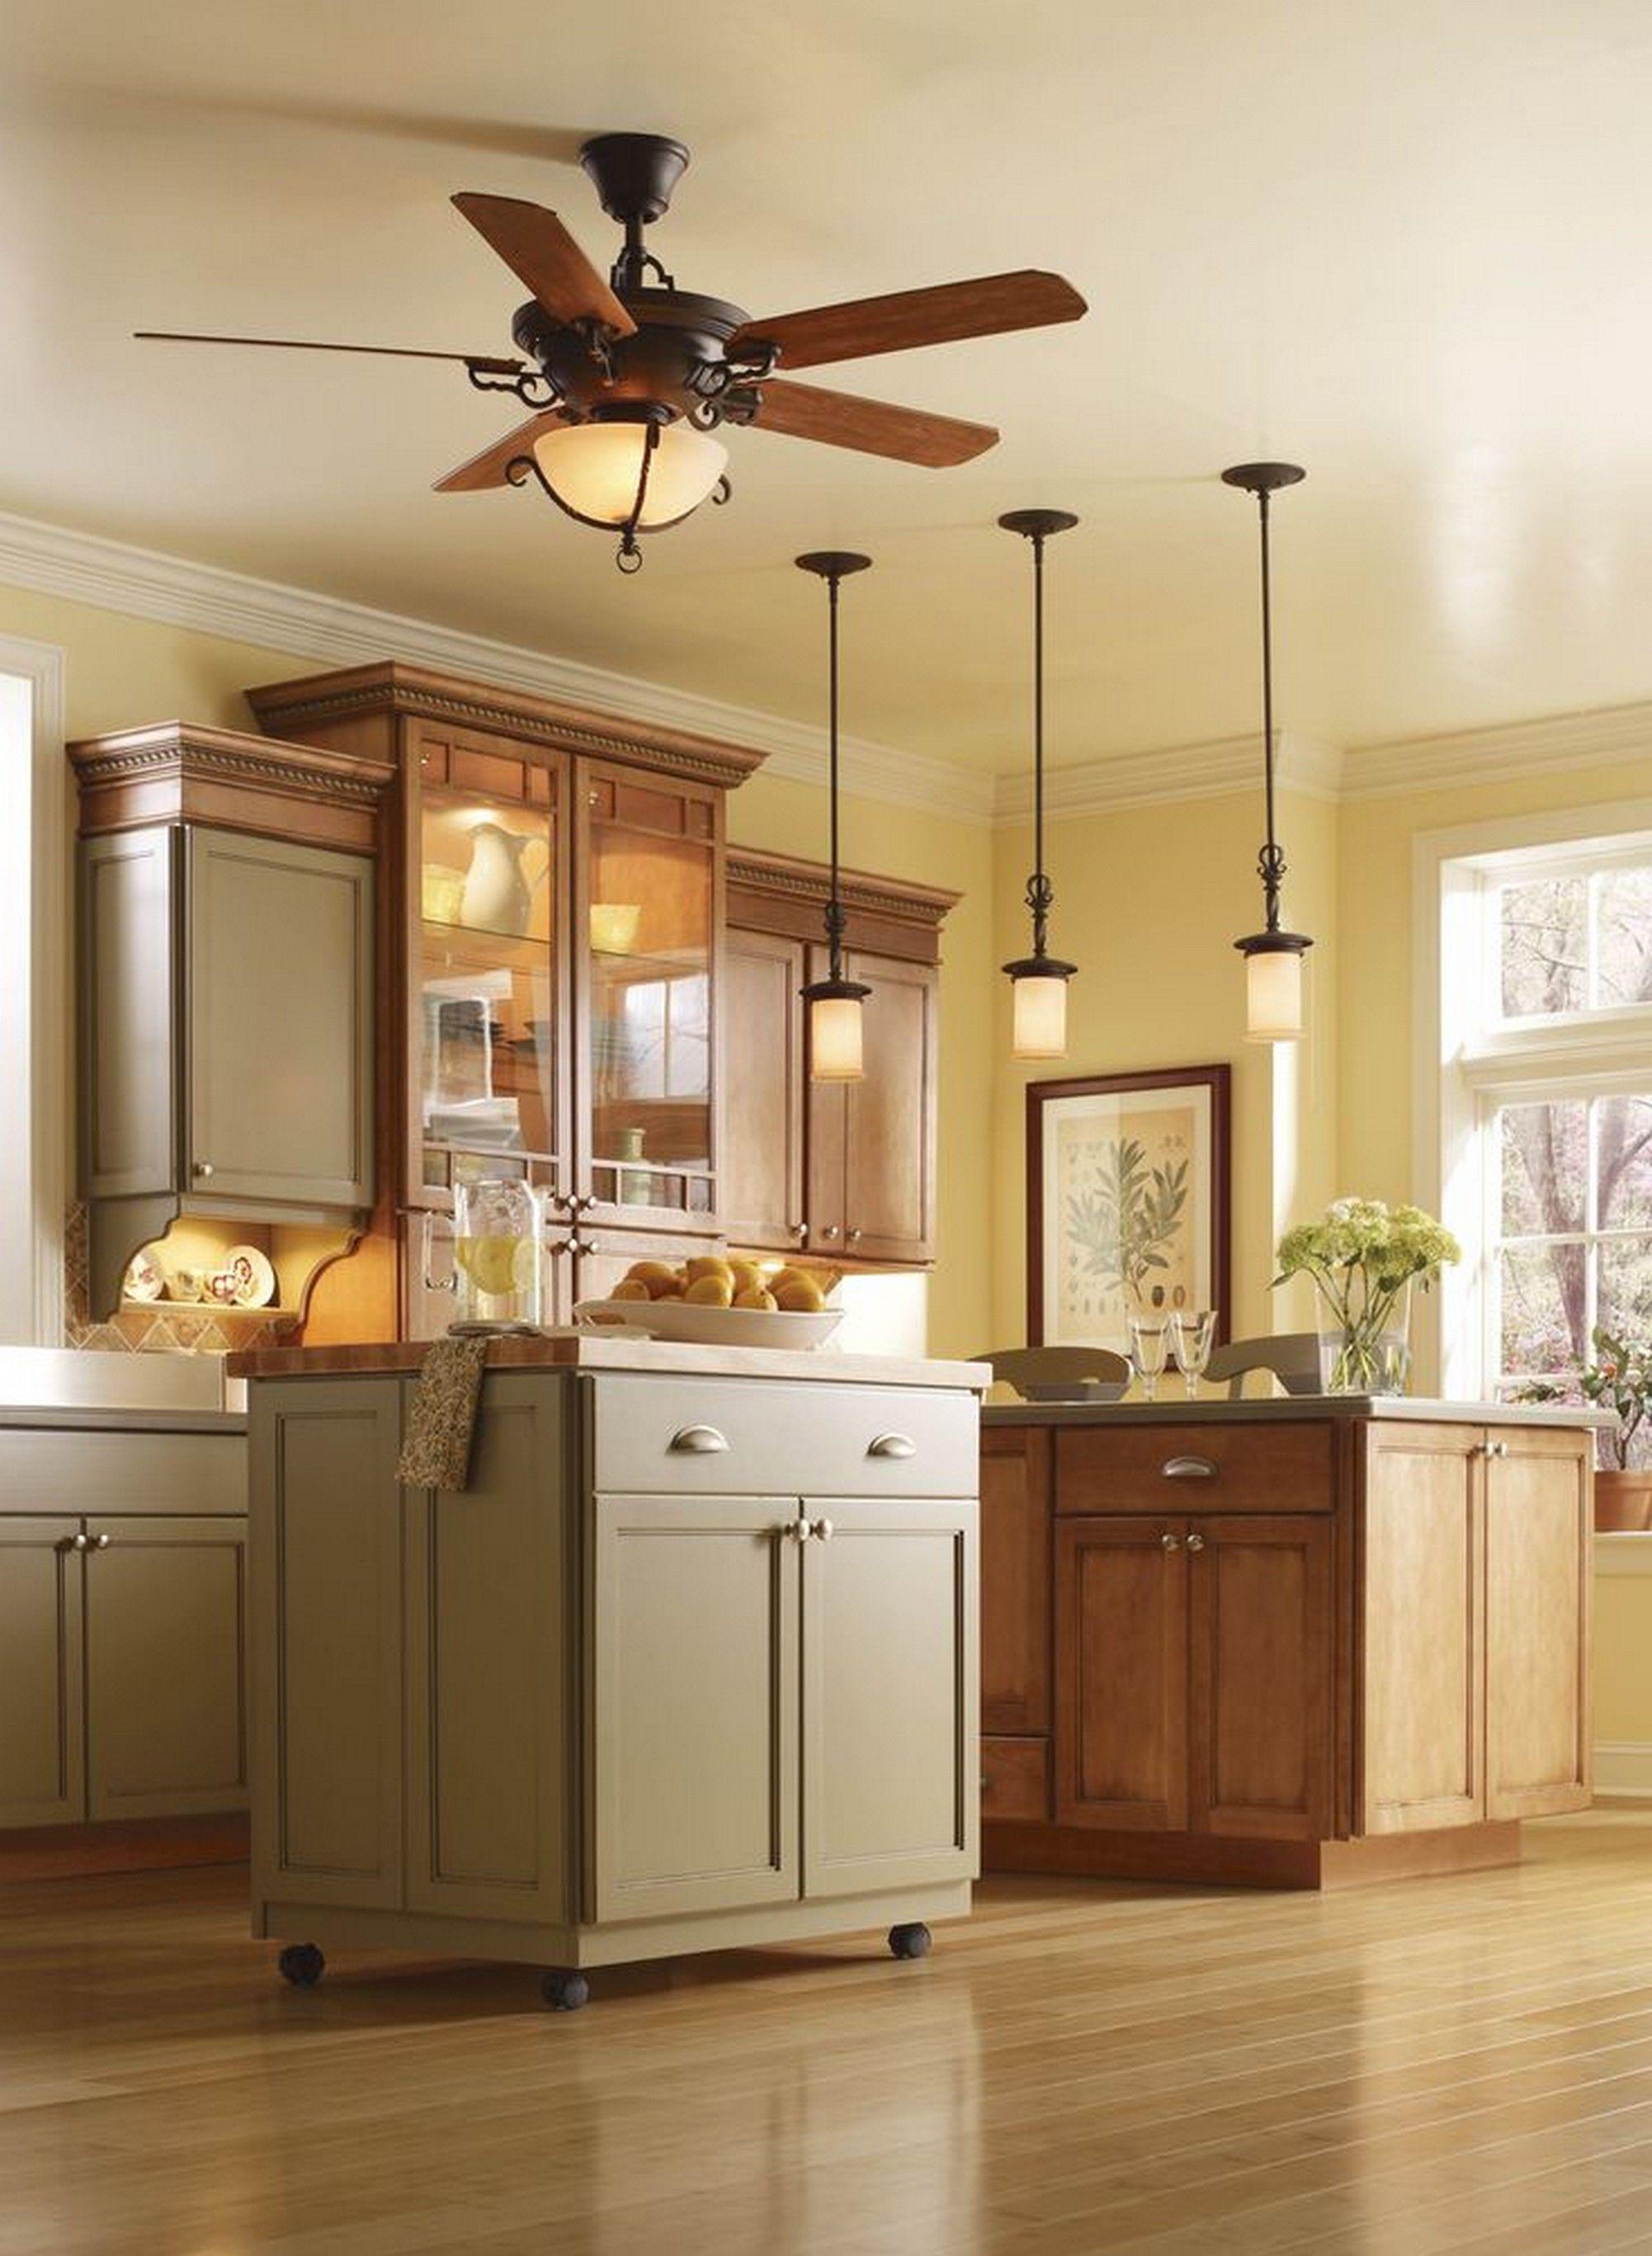 Deluxe Kuchendecke Ideen Tolle Deko Fotos Mobel Ceiling Fan In Kitchen Kitchen Ceiling Modern Kitchen Interiors